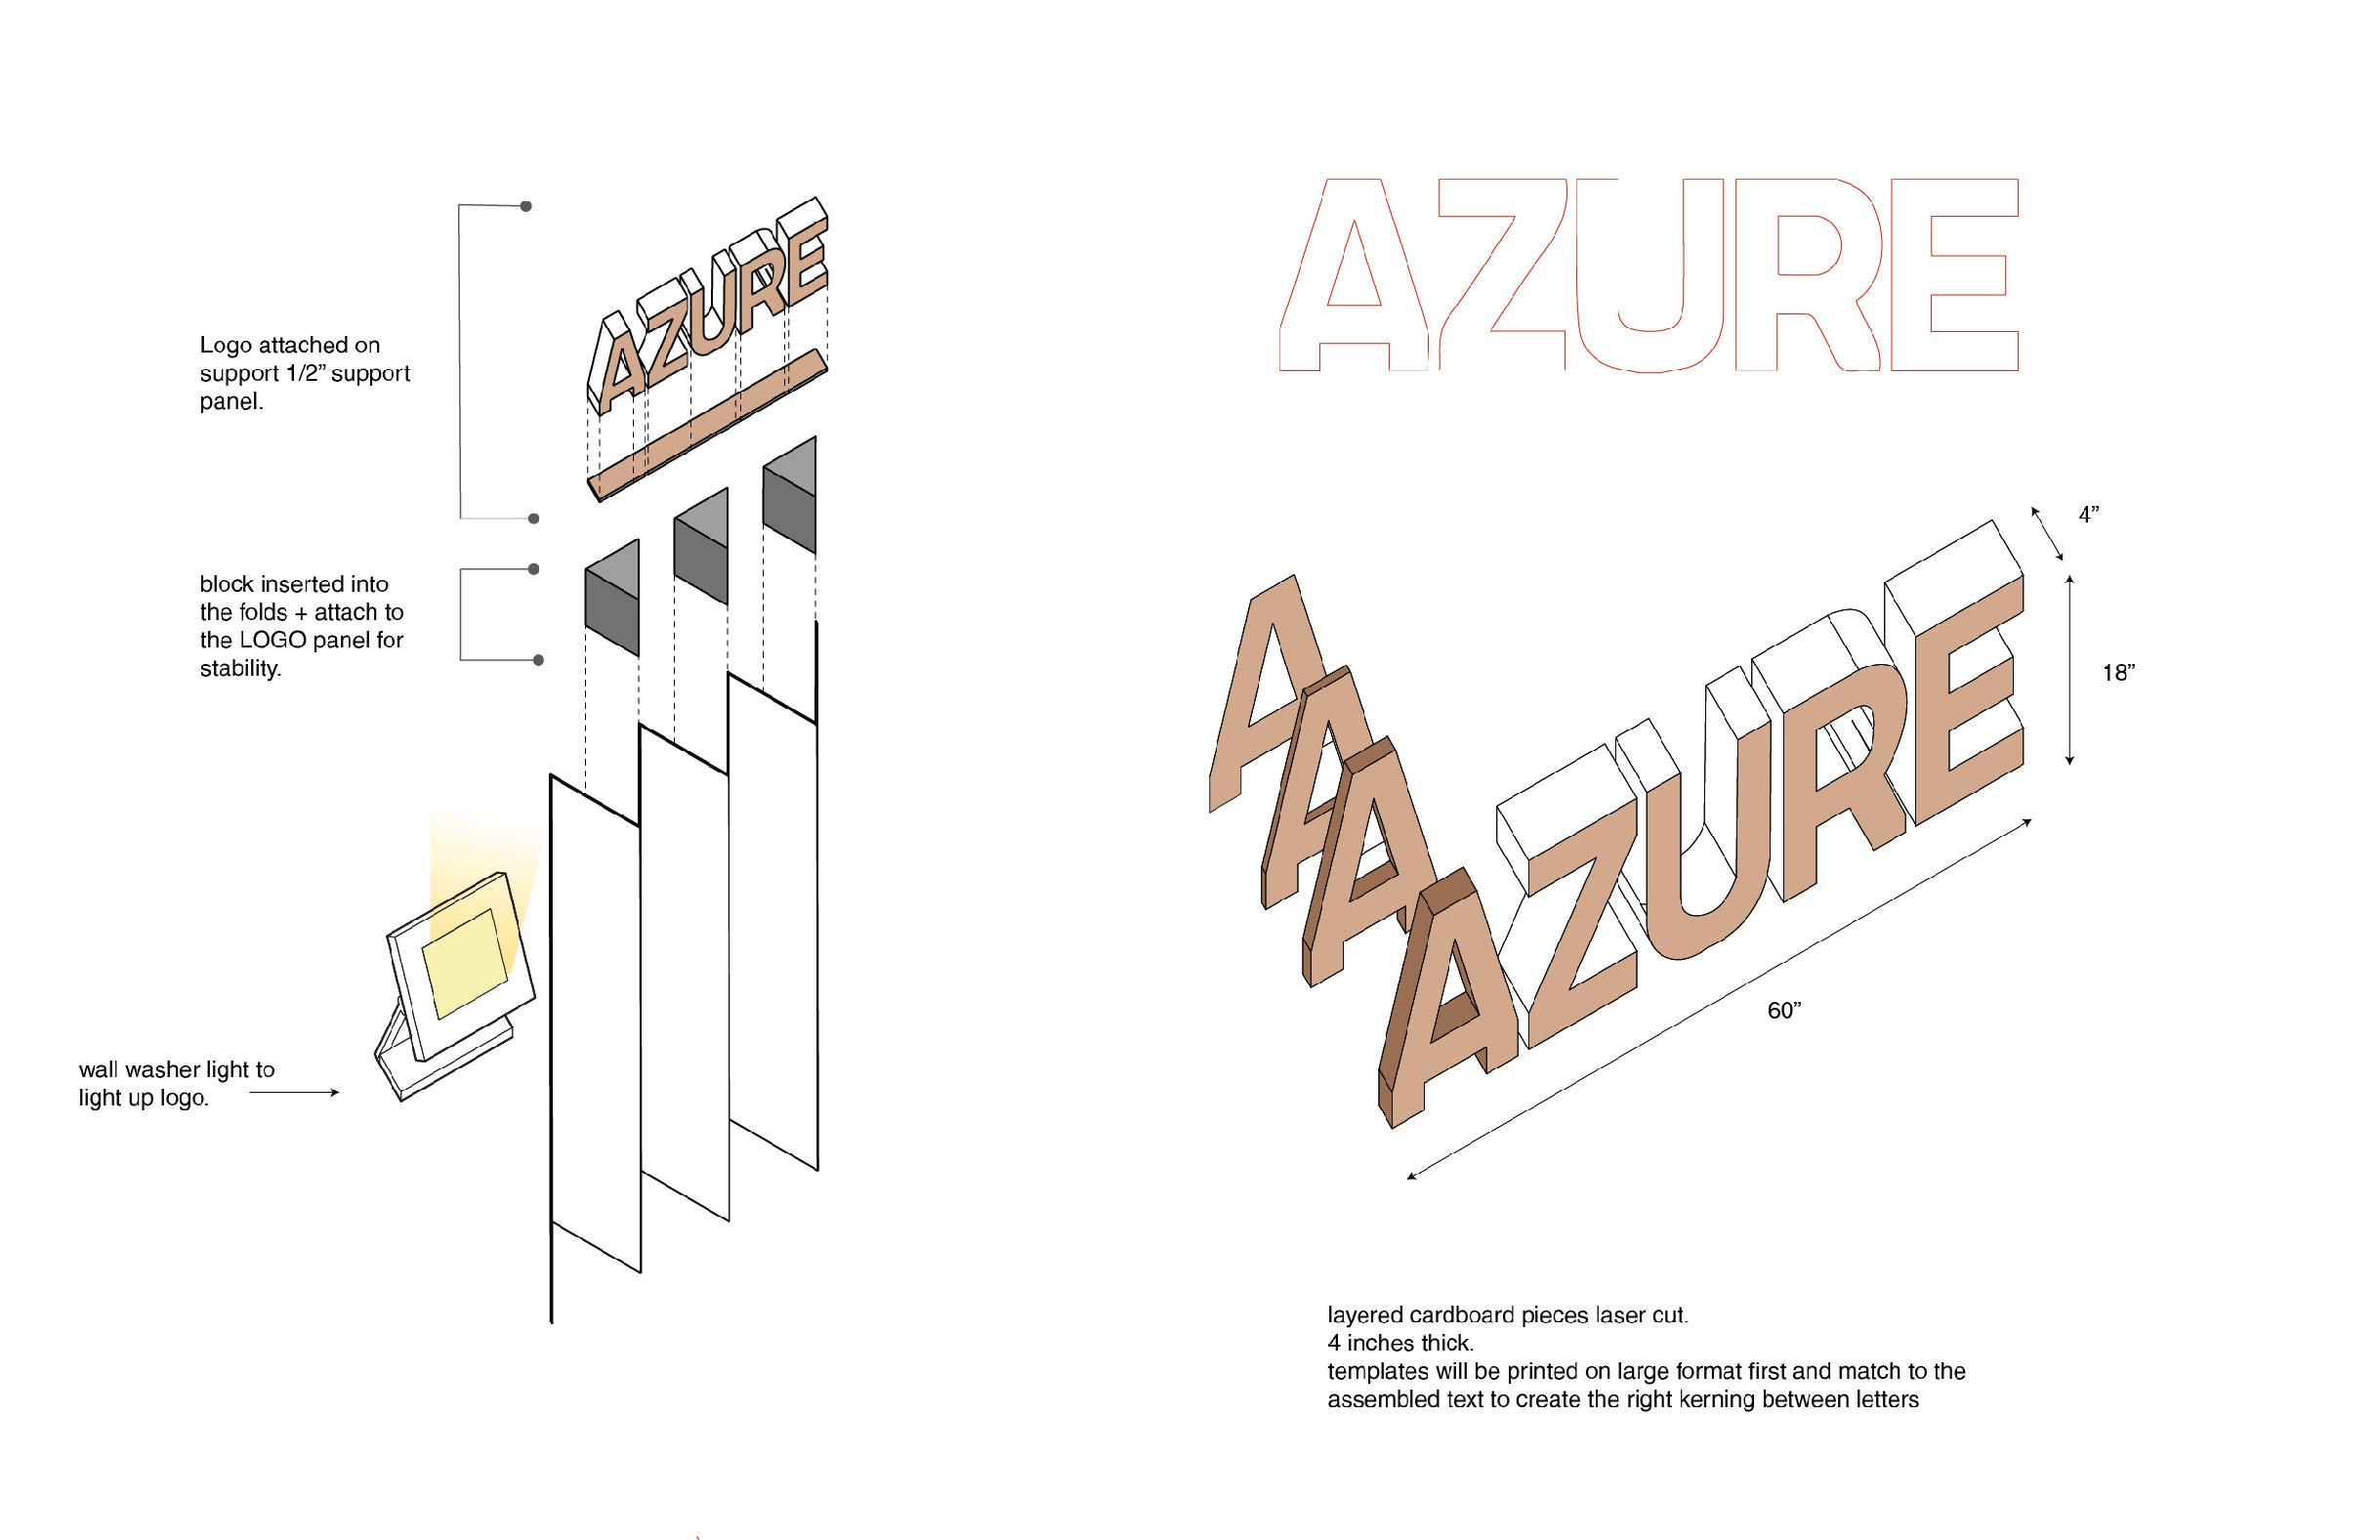 190110-azure-upload-24